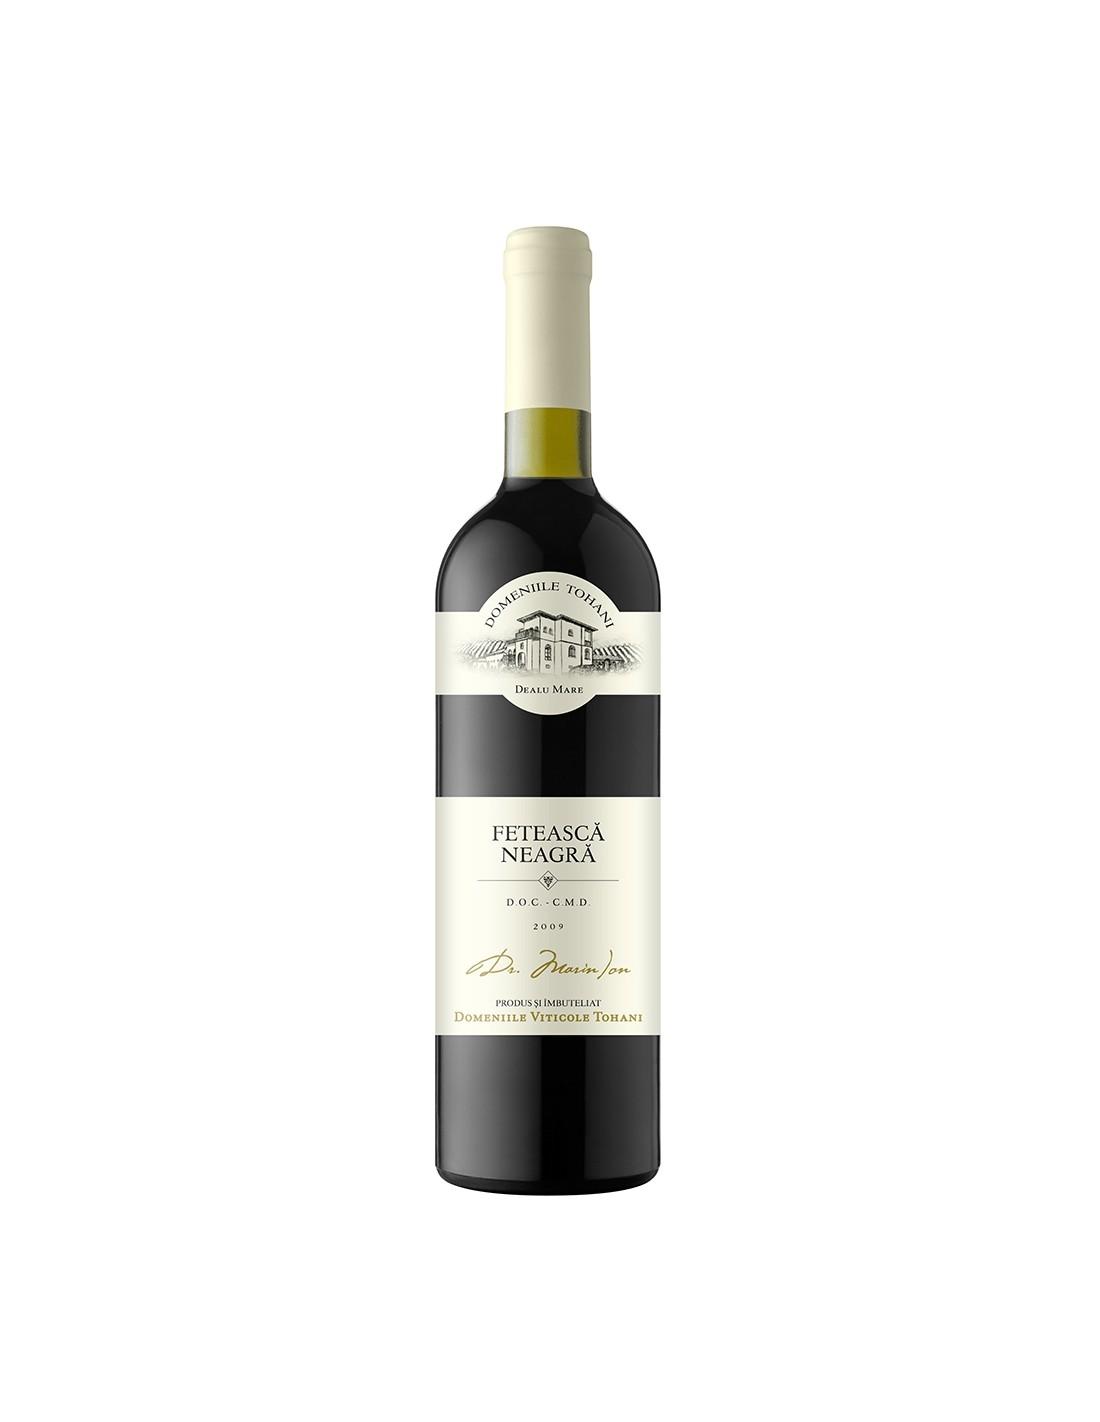 Vin rosu demisec, Feteasca Neagra, Domeniile Tohani Dealu Mare, 0.75L, 12.5% alc., Romania